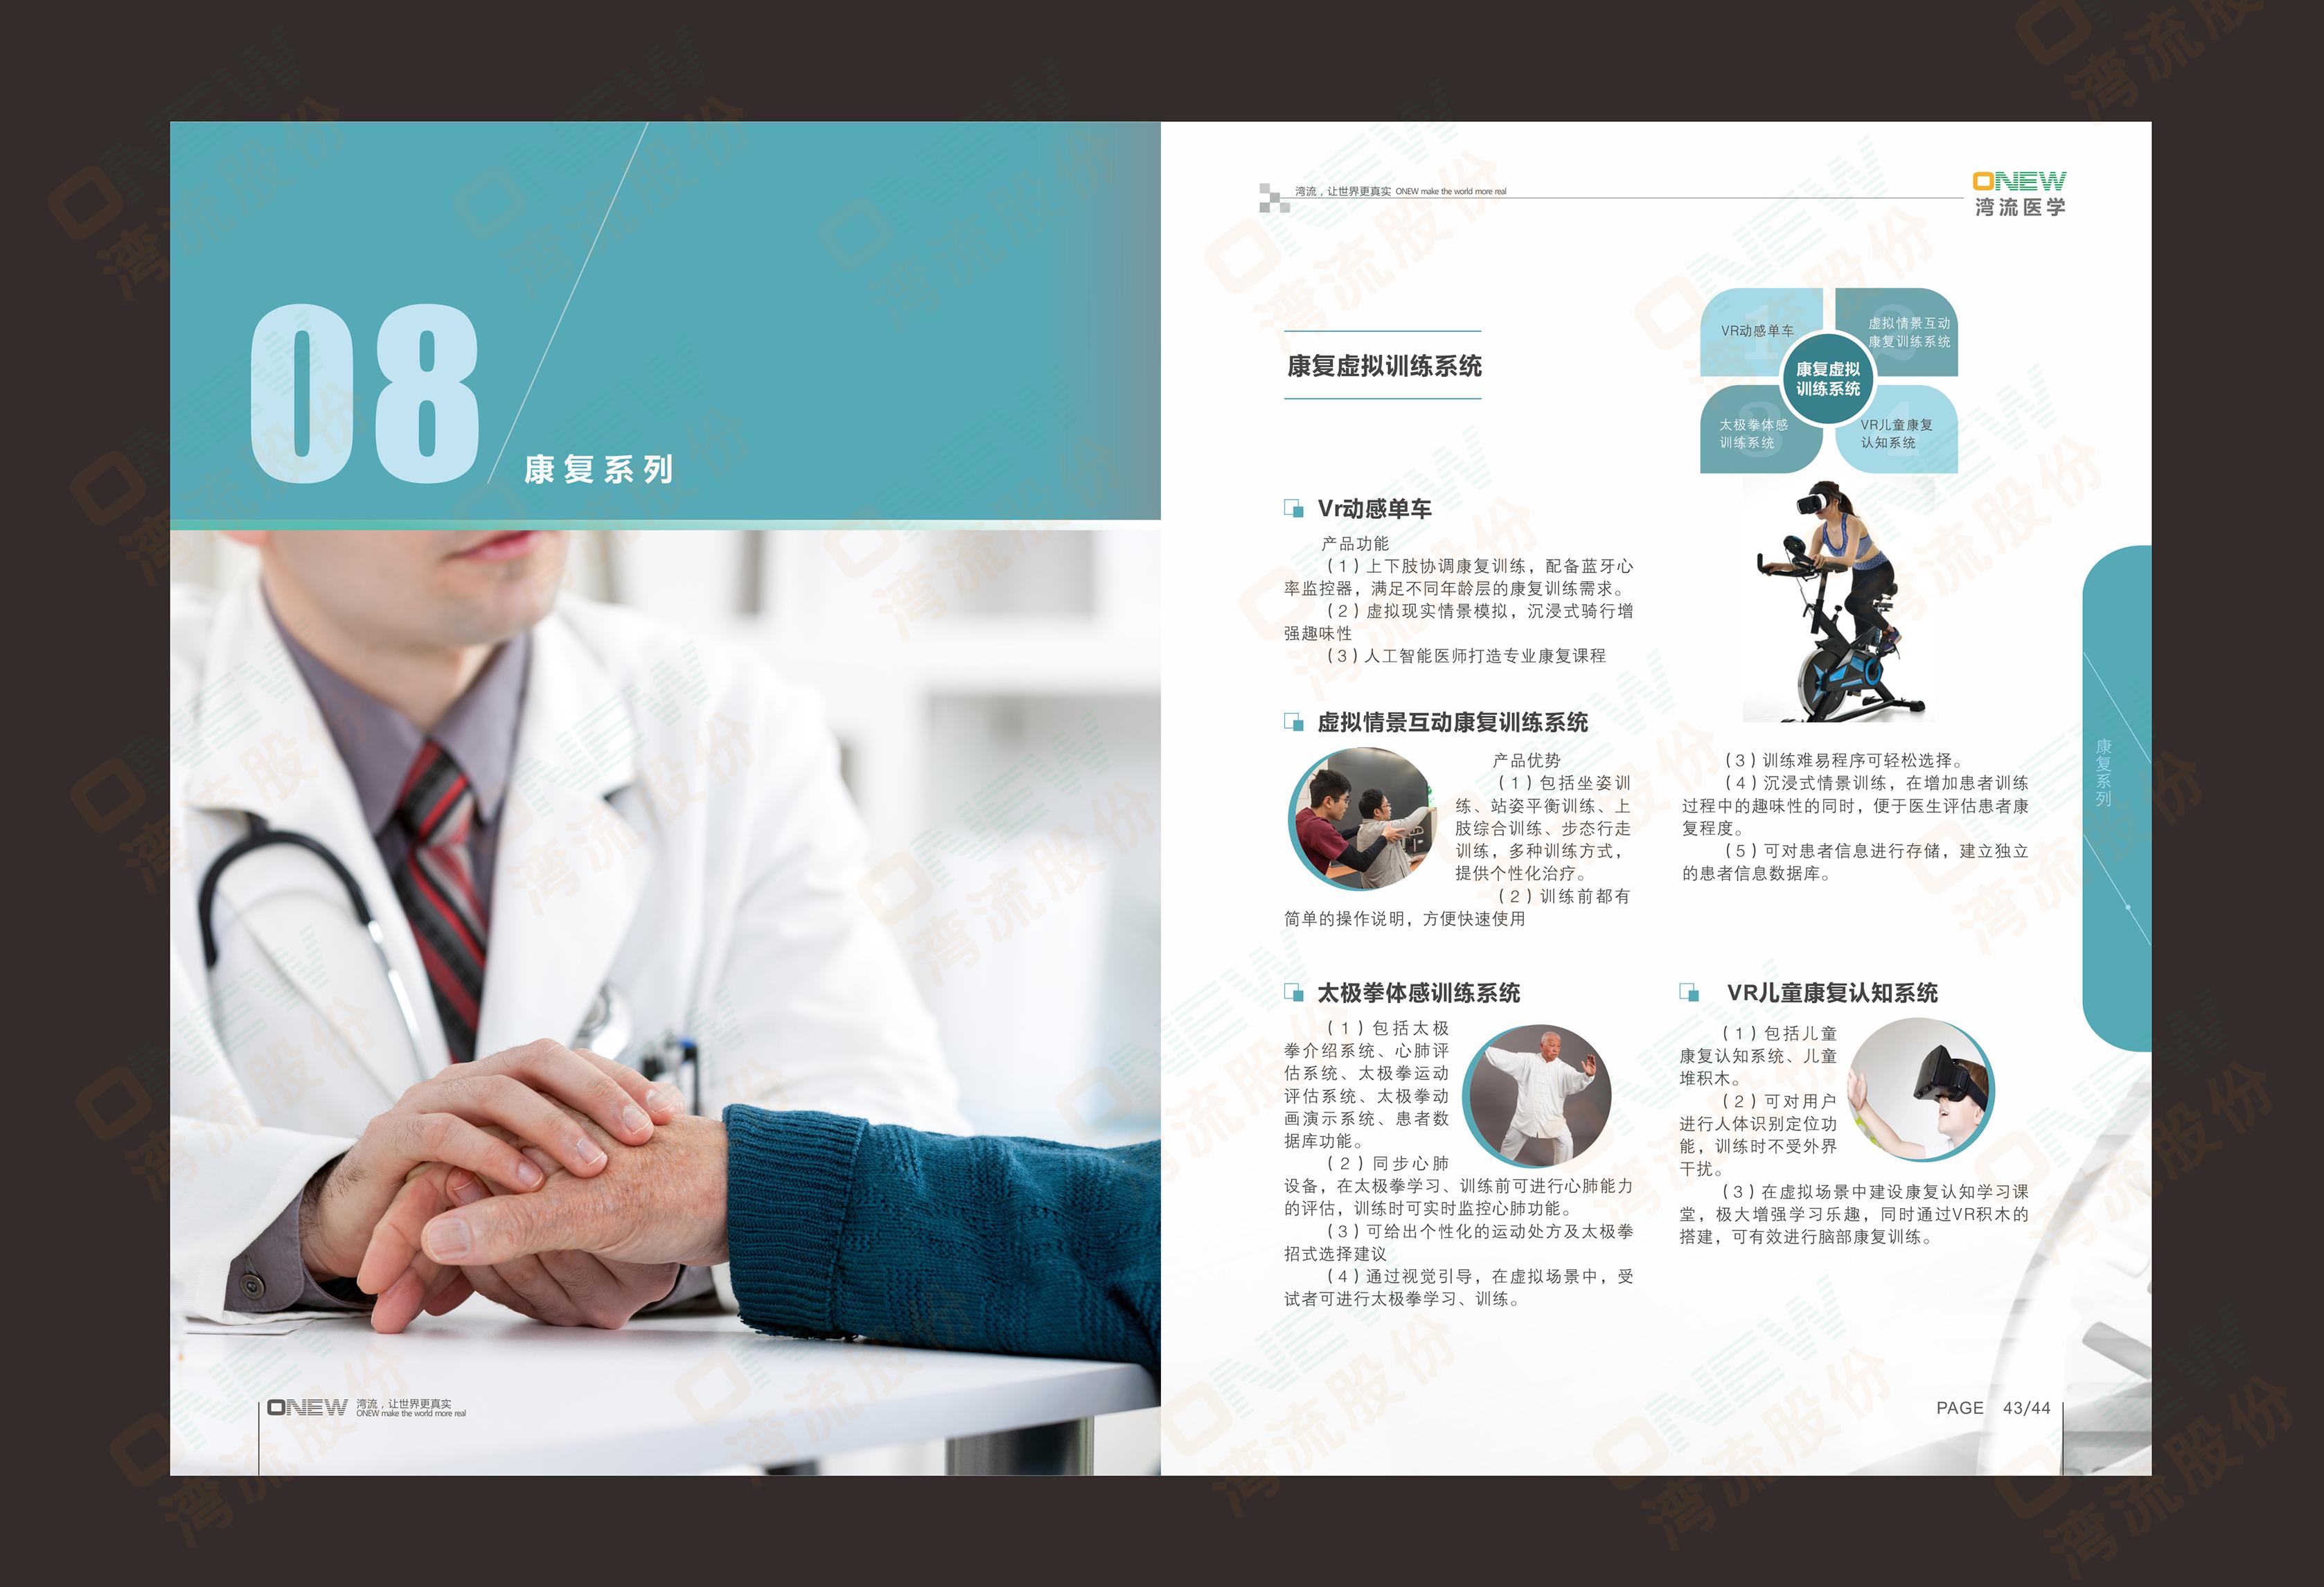 水印版-灣流醫學23